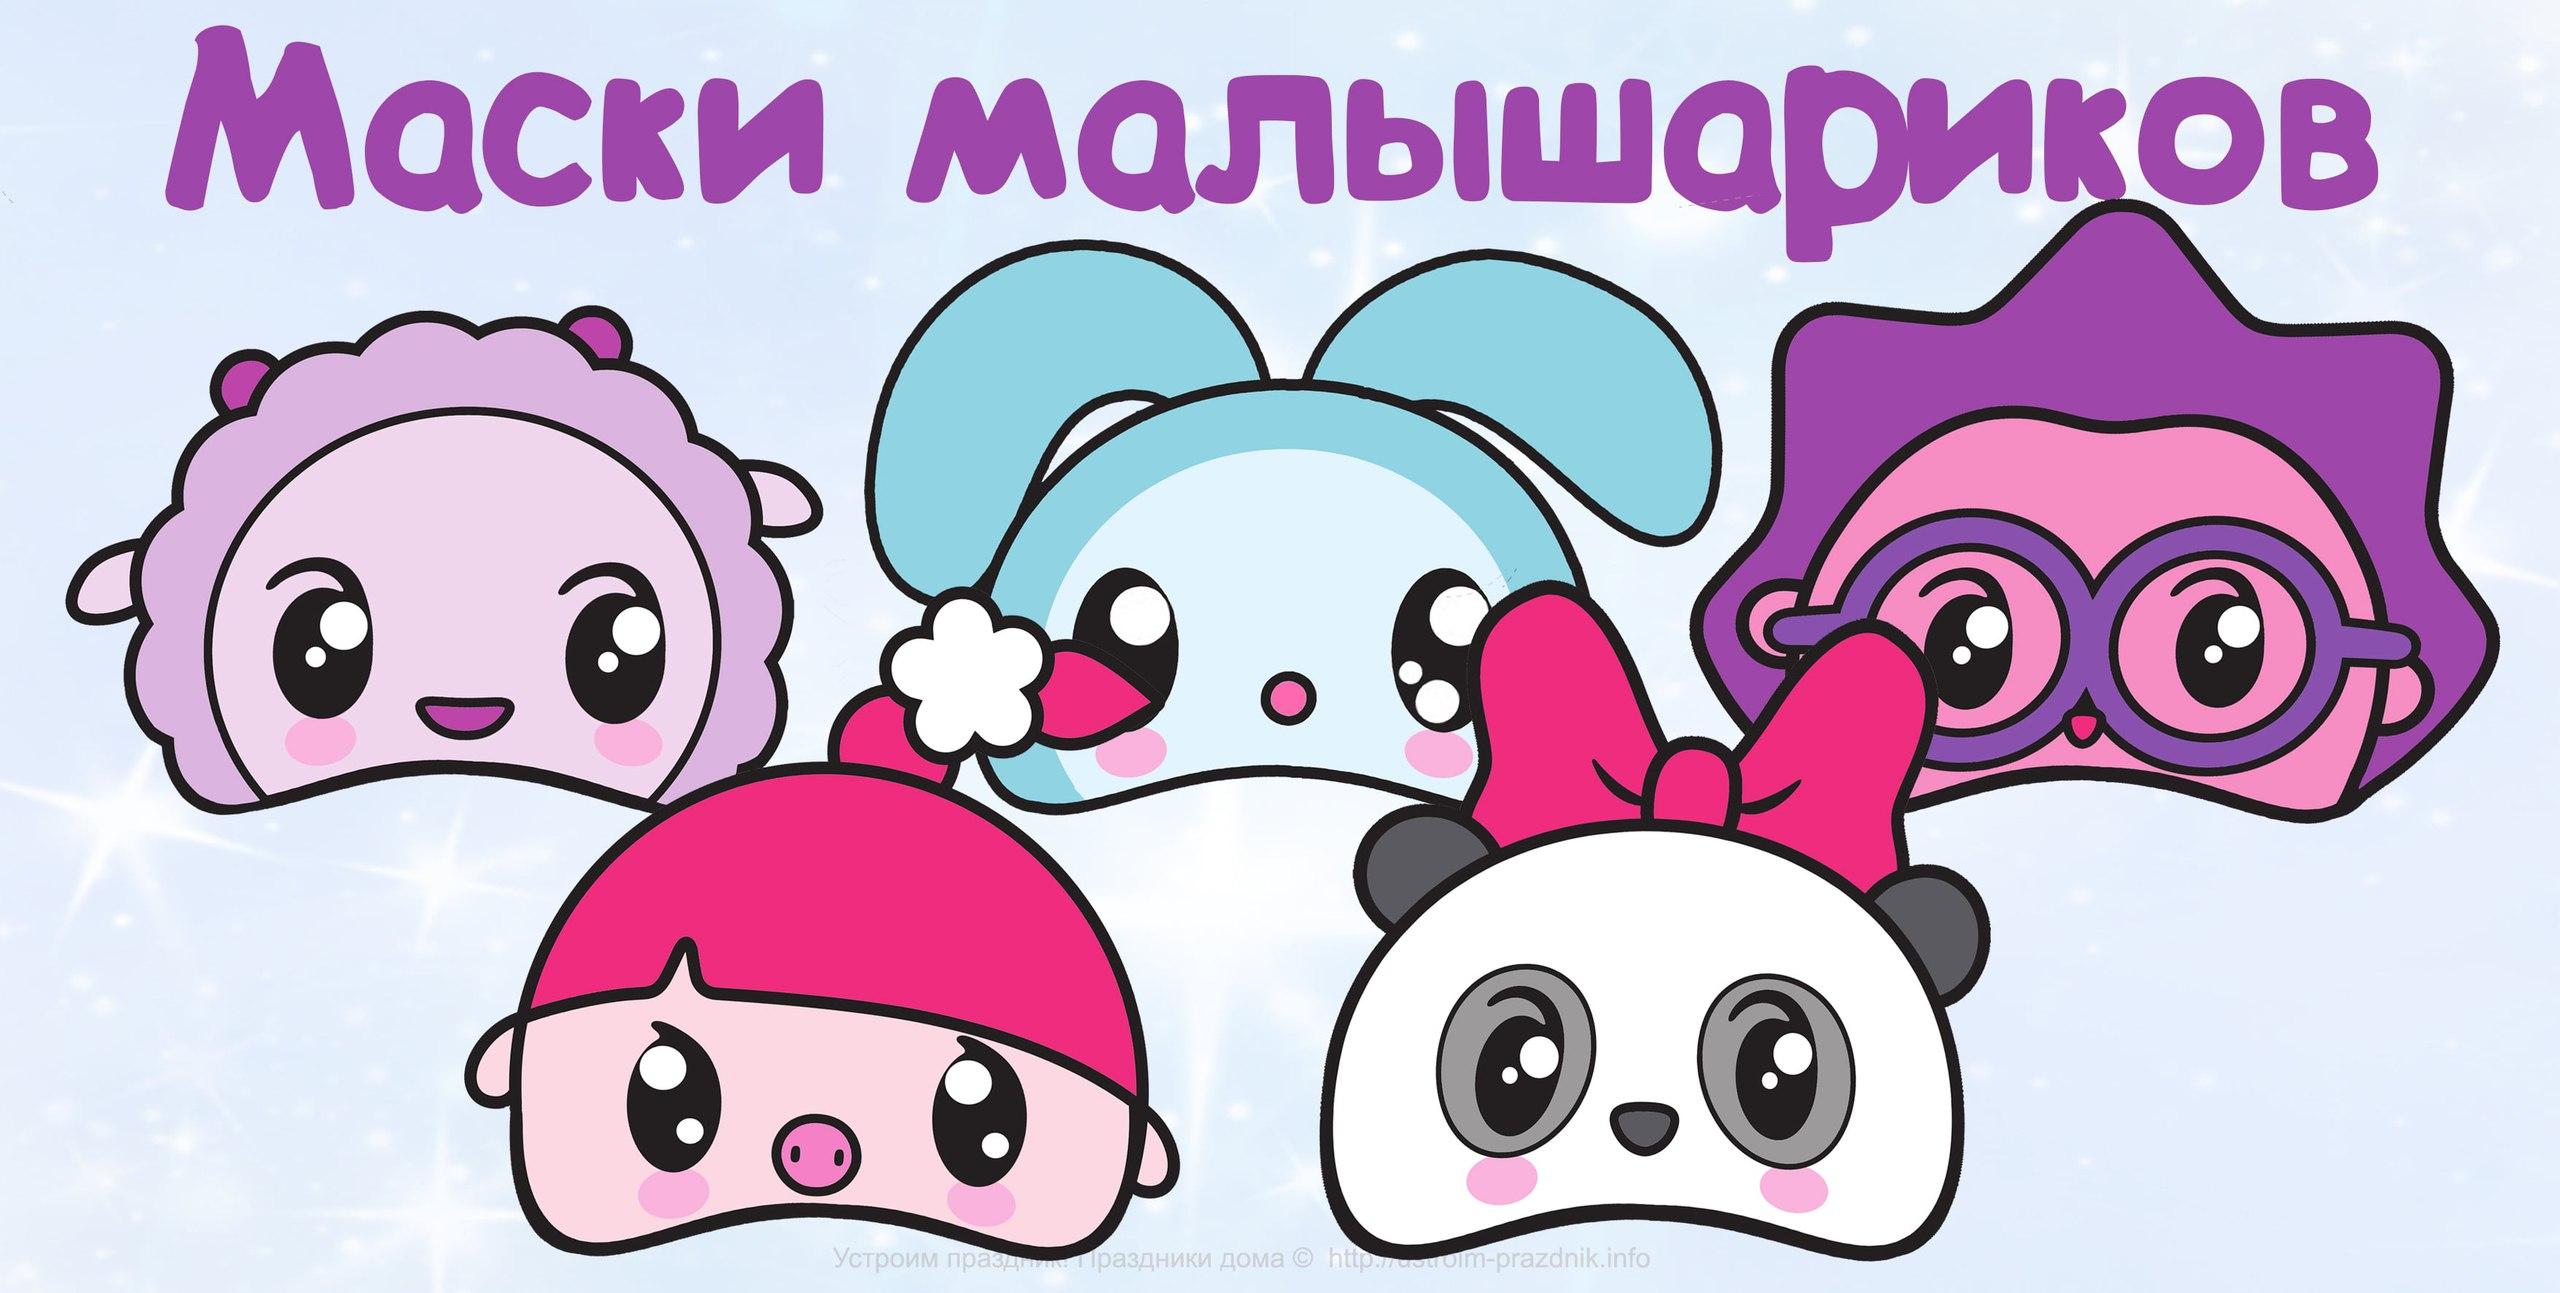 маски малышариков скачать бесплатно